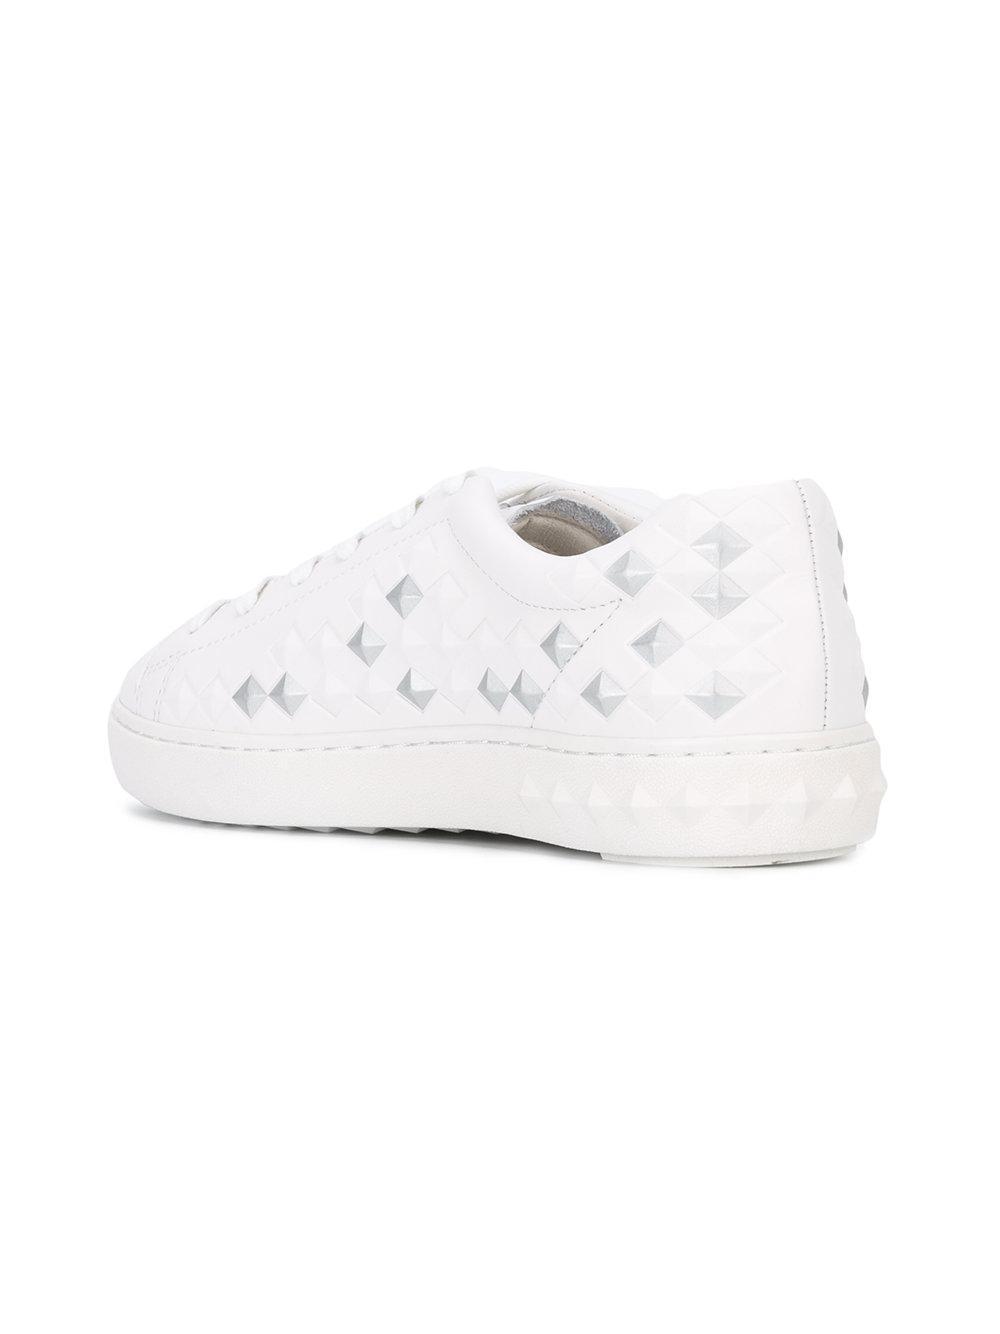 « Panique Bis » Cendres Chaussures Basses Top - Blanc OqLTGtD3Qu